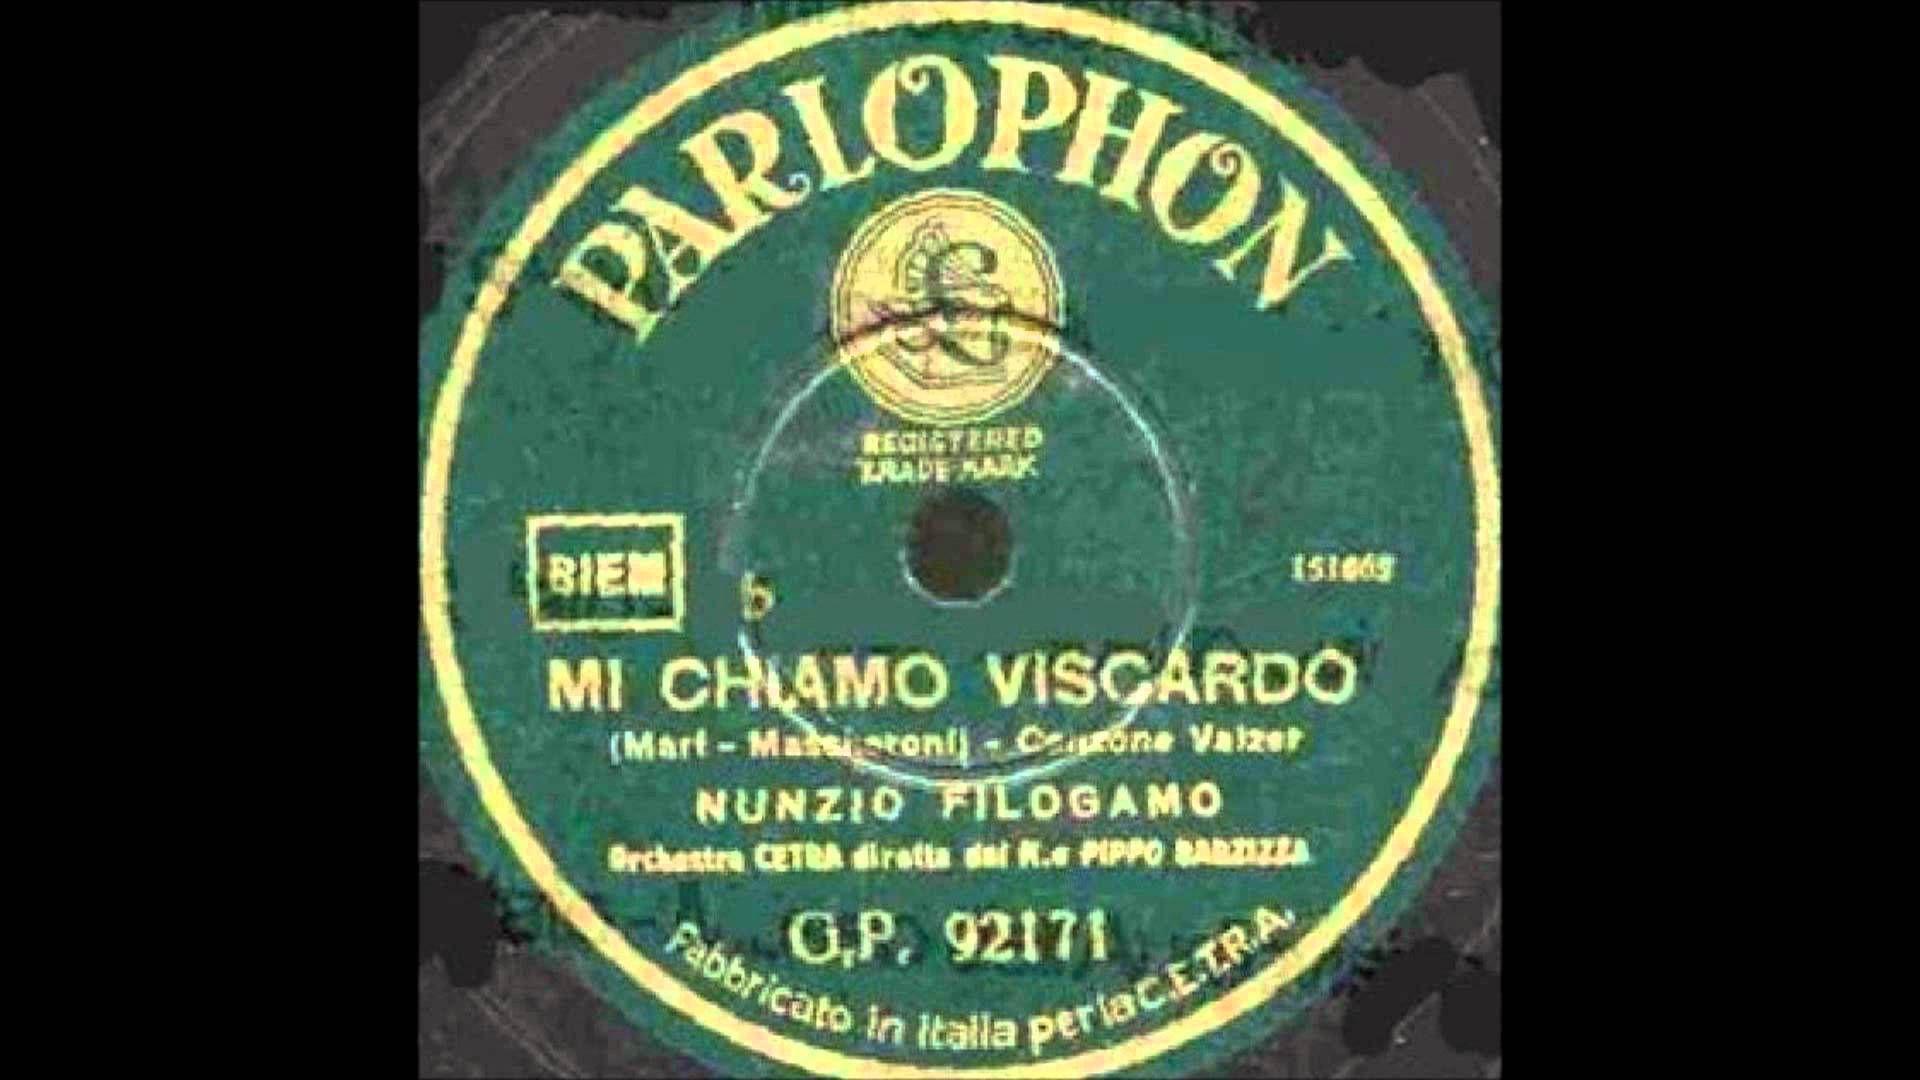 """Popular radio presenter Nunzio Filogamo sings cabaret song """"Mi chiamo Viscardo"""" [My Name is Viscardo], with conductor Pippo Barzizza and Orchestra Cetra (1937)."""